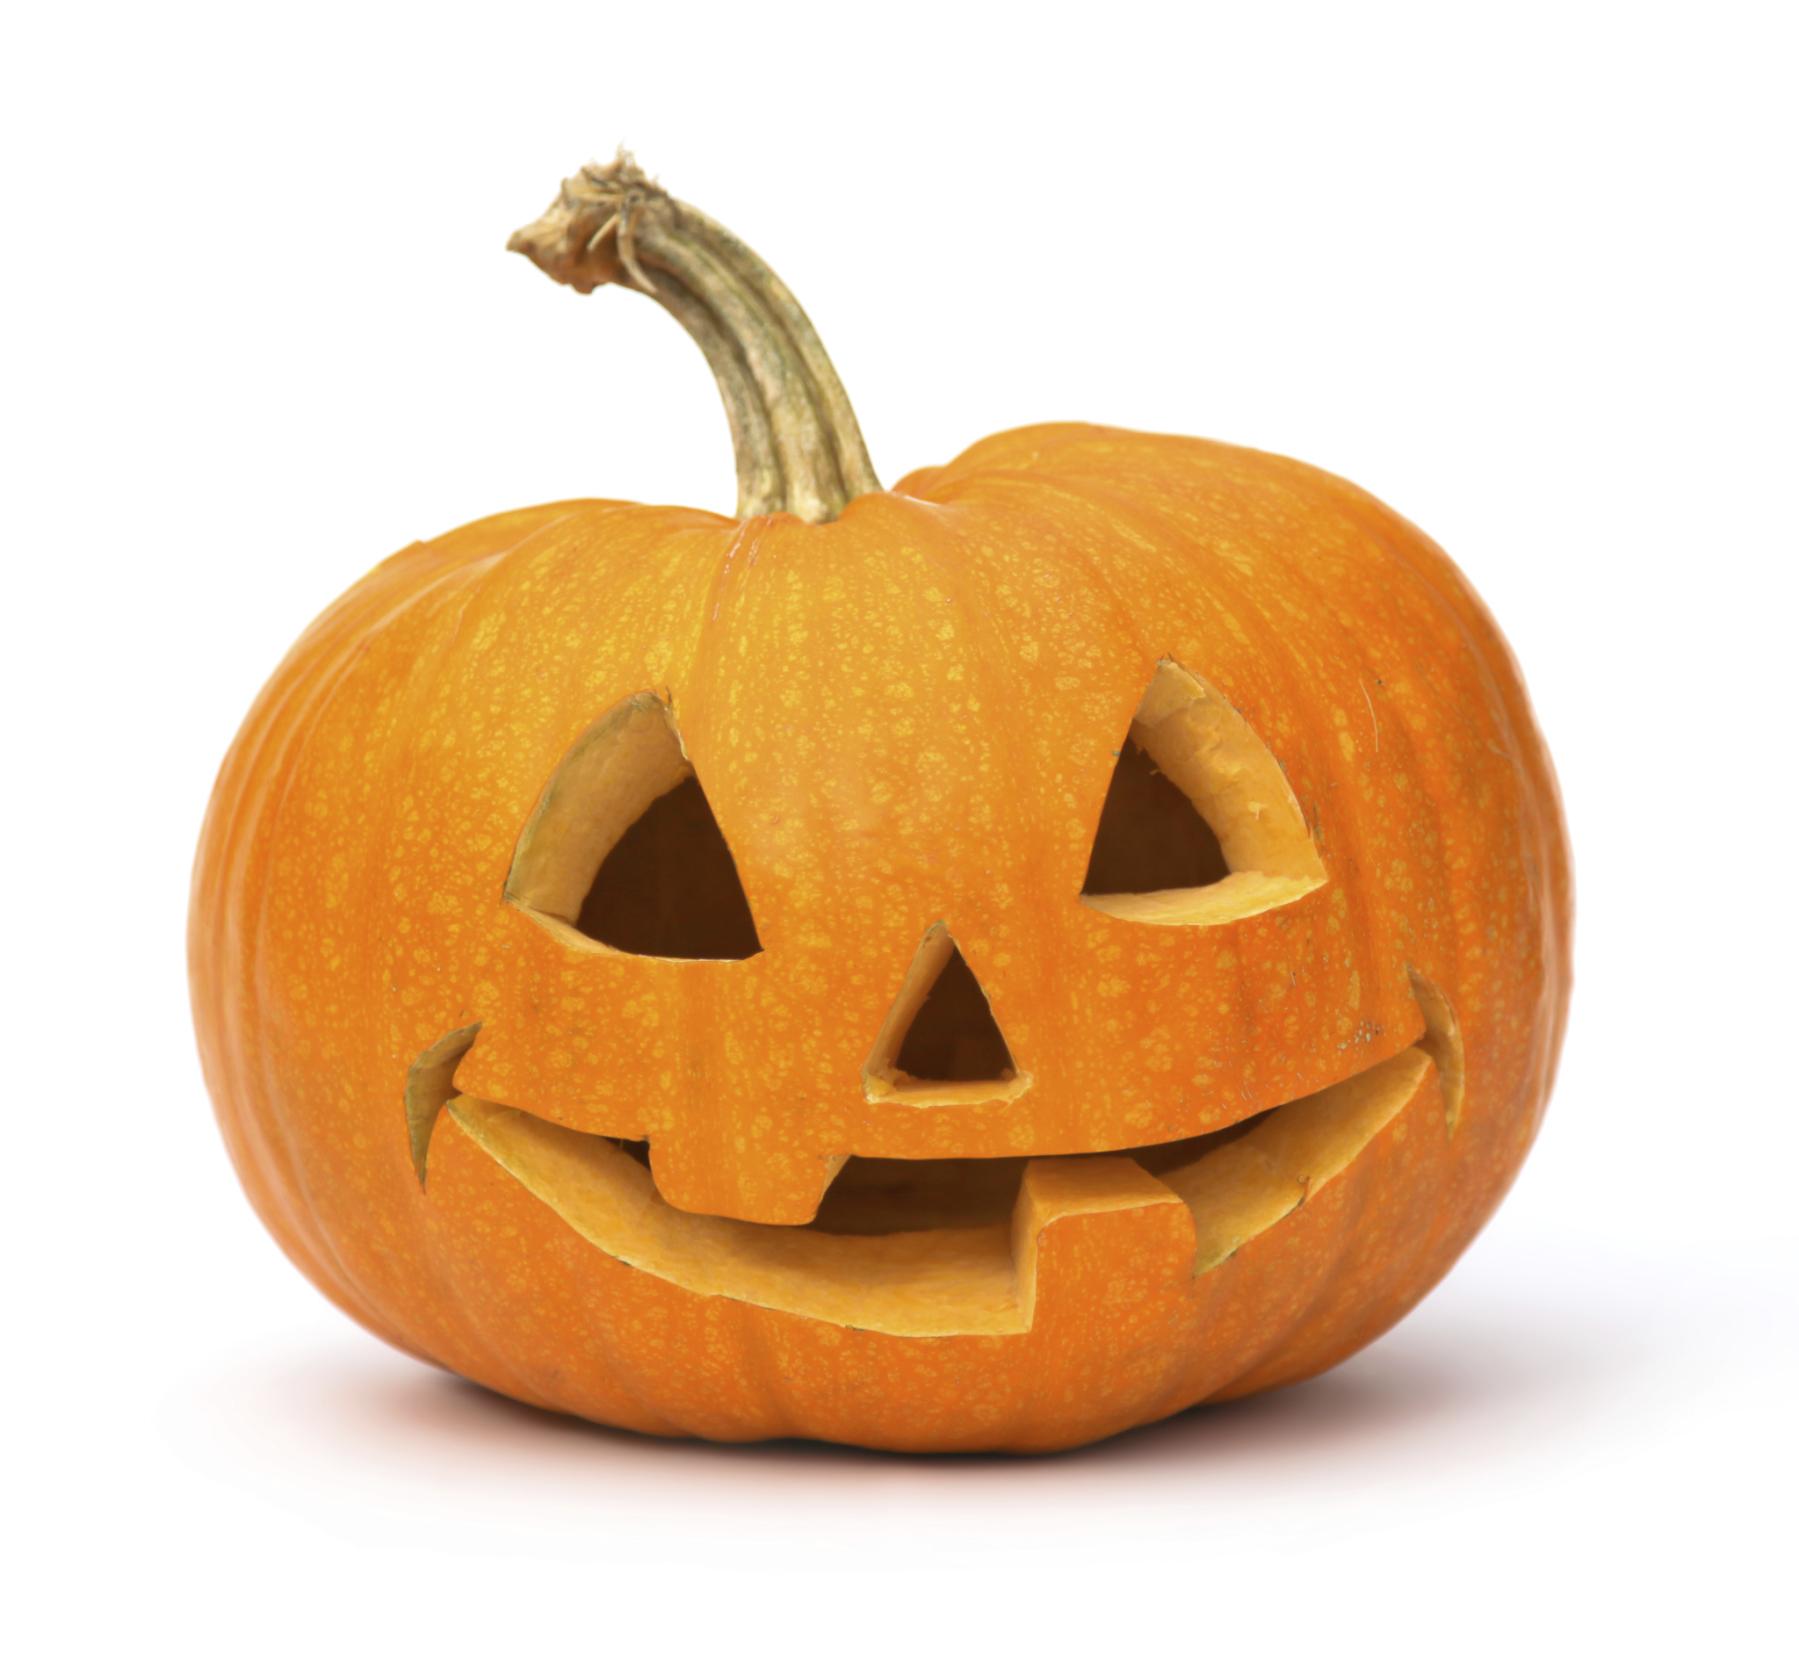 Passaggi per intagliare una splendida zucca per Halloween. Halloween  Pumpkin. Non c è ... c55af75f56b8